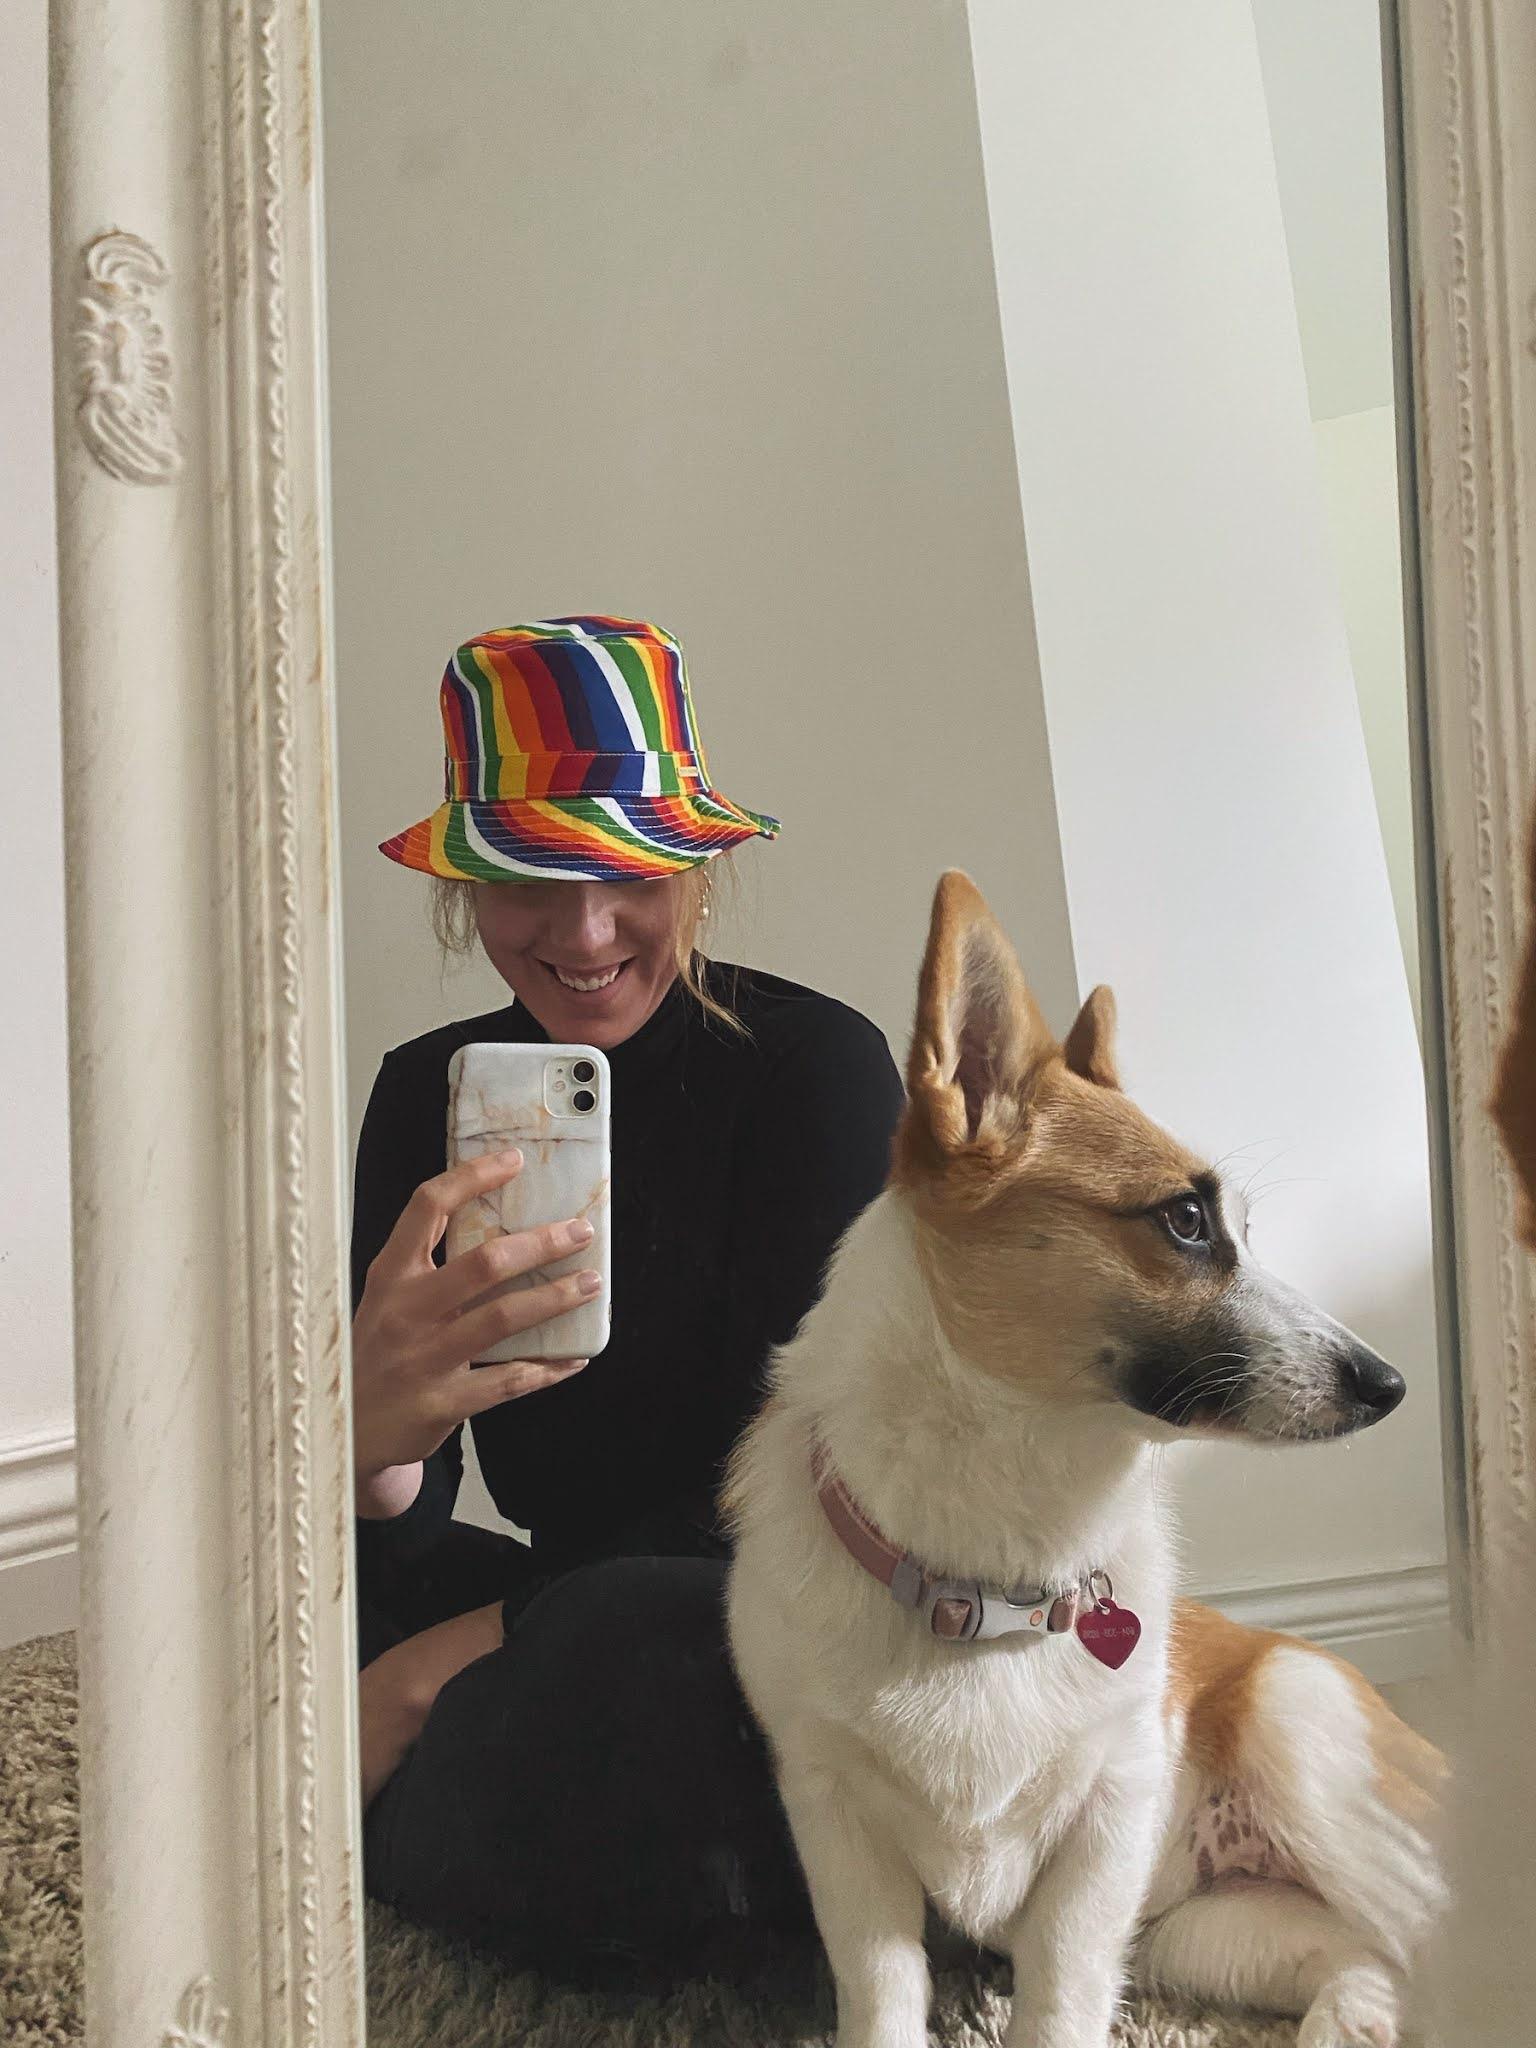 Michael Kors Pride bucket hat